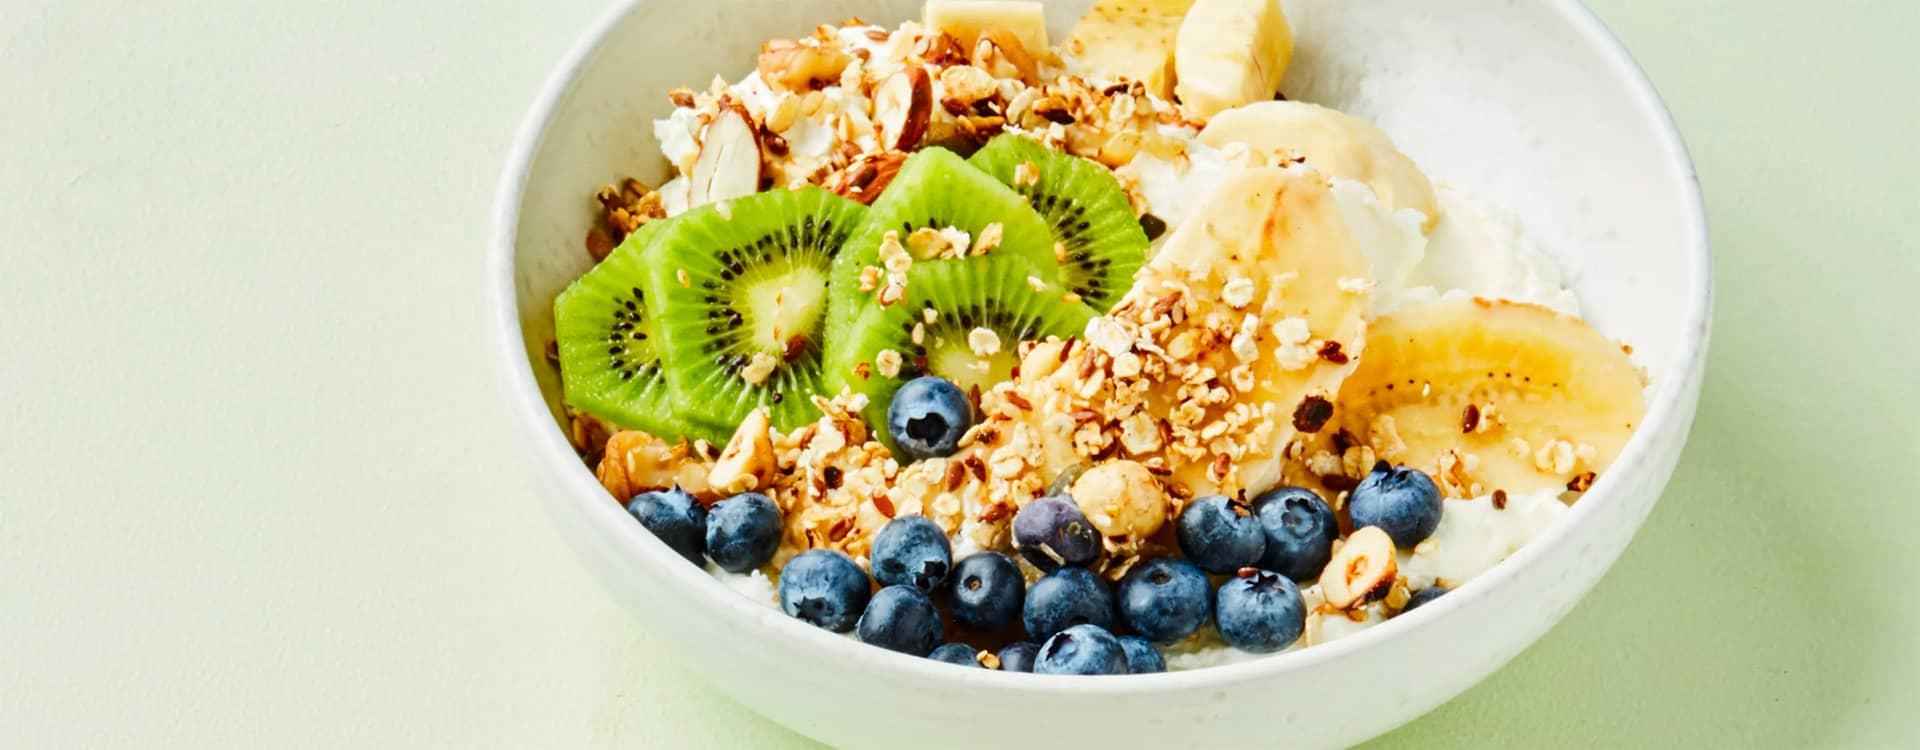 Kjapp, sunn og næringsrik frokost.